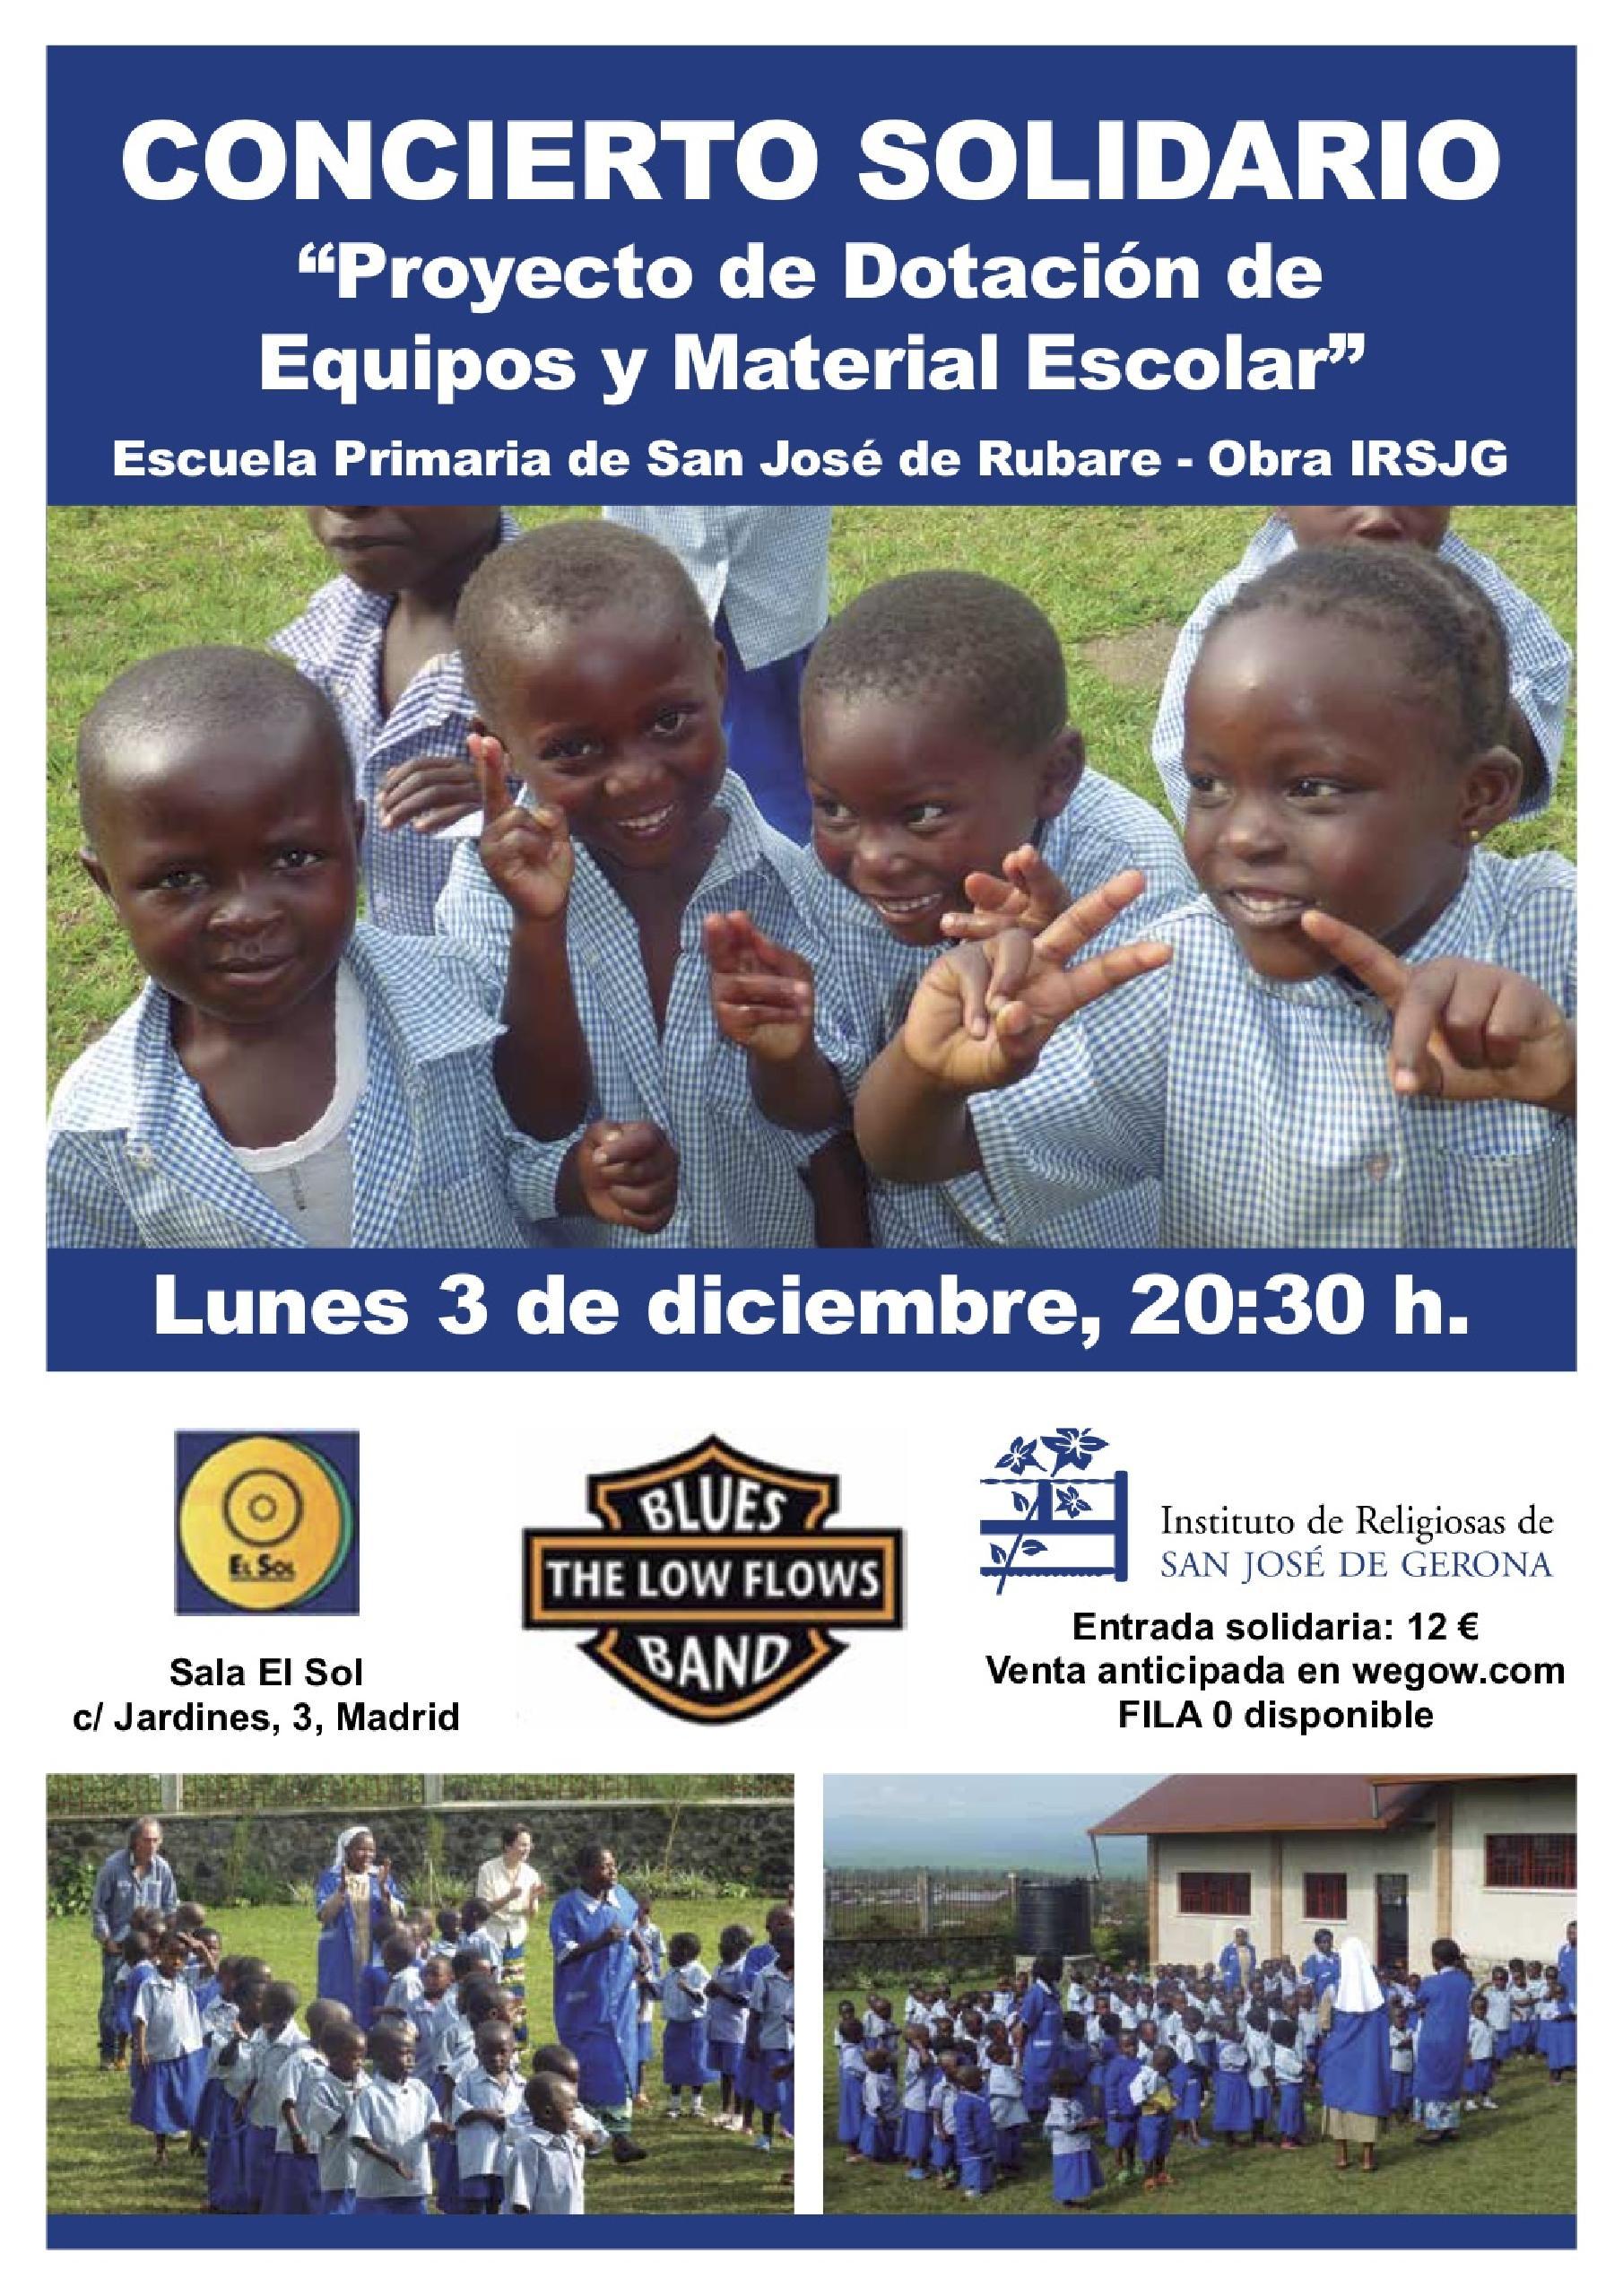 Concierto Solidario Clínica Santa Elena y Low Flows Blues Band para dotar de Equipos y Material Escolar a la Escuela de Primaria de San José de Rubare.